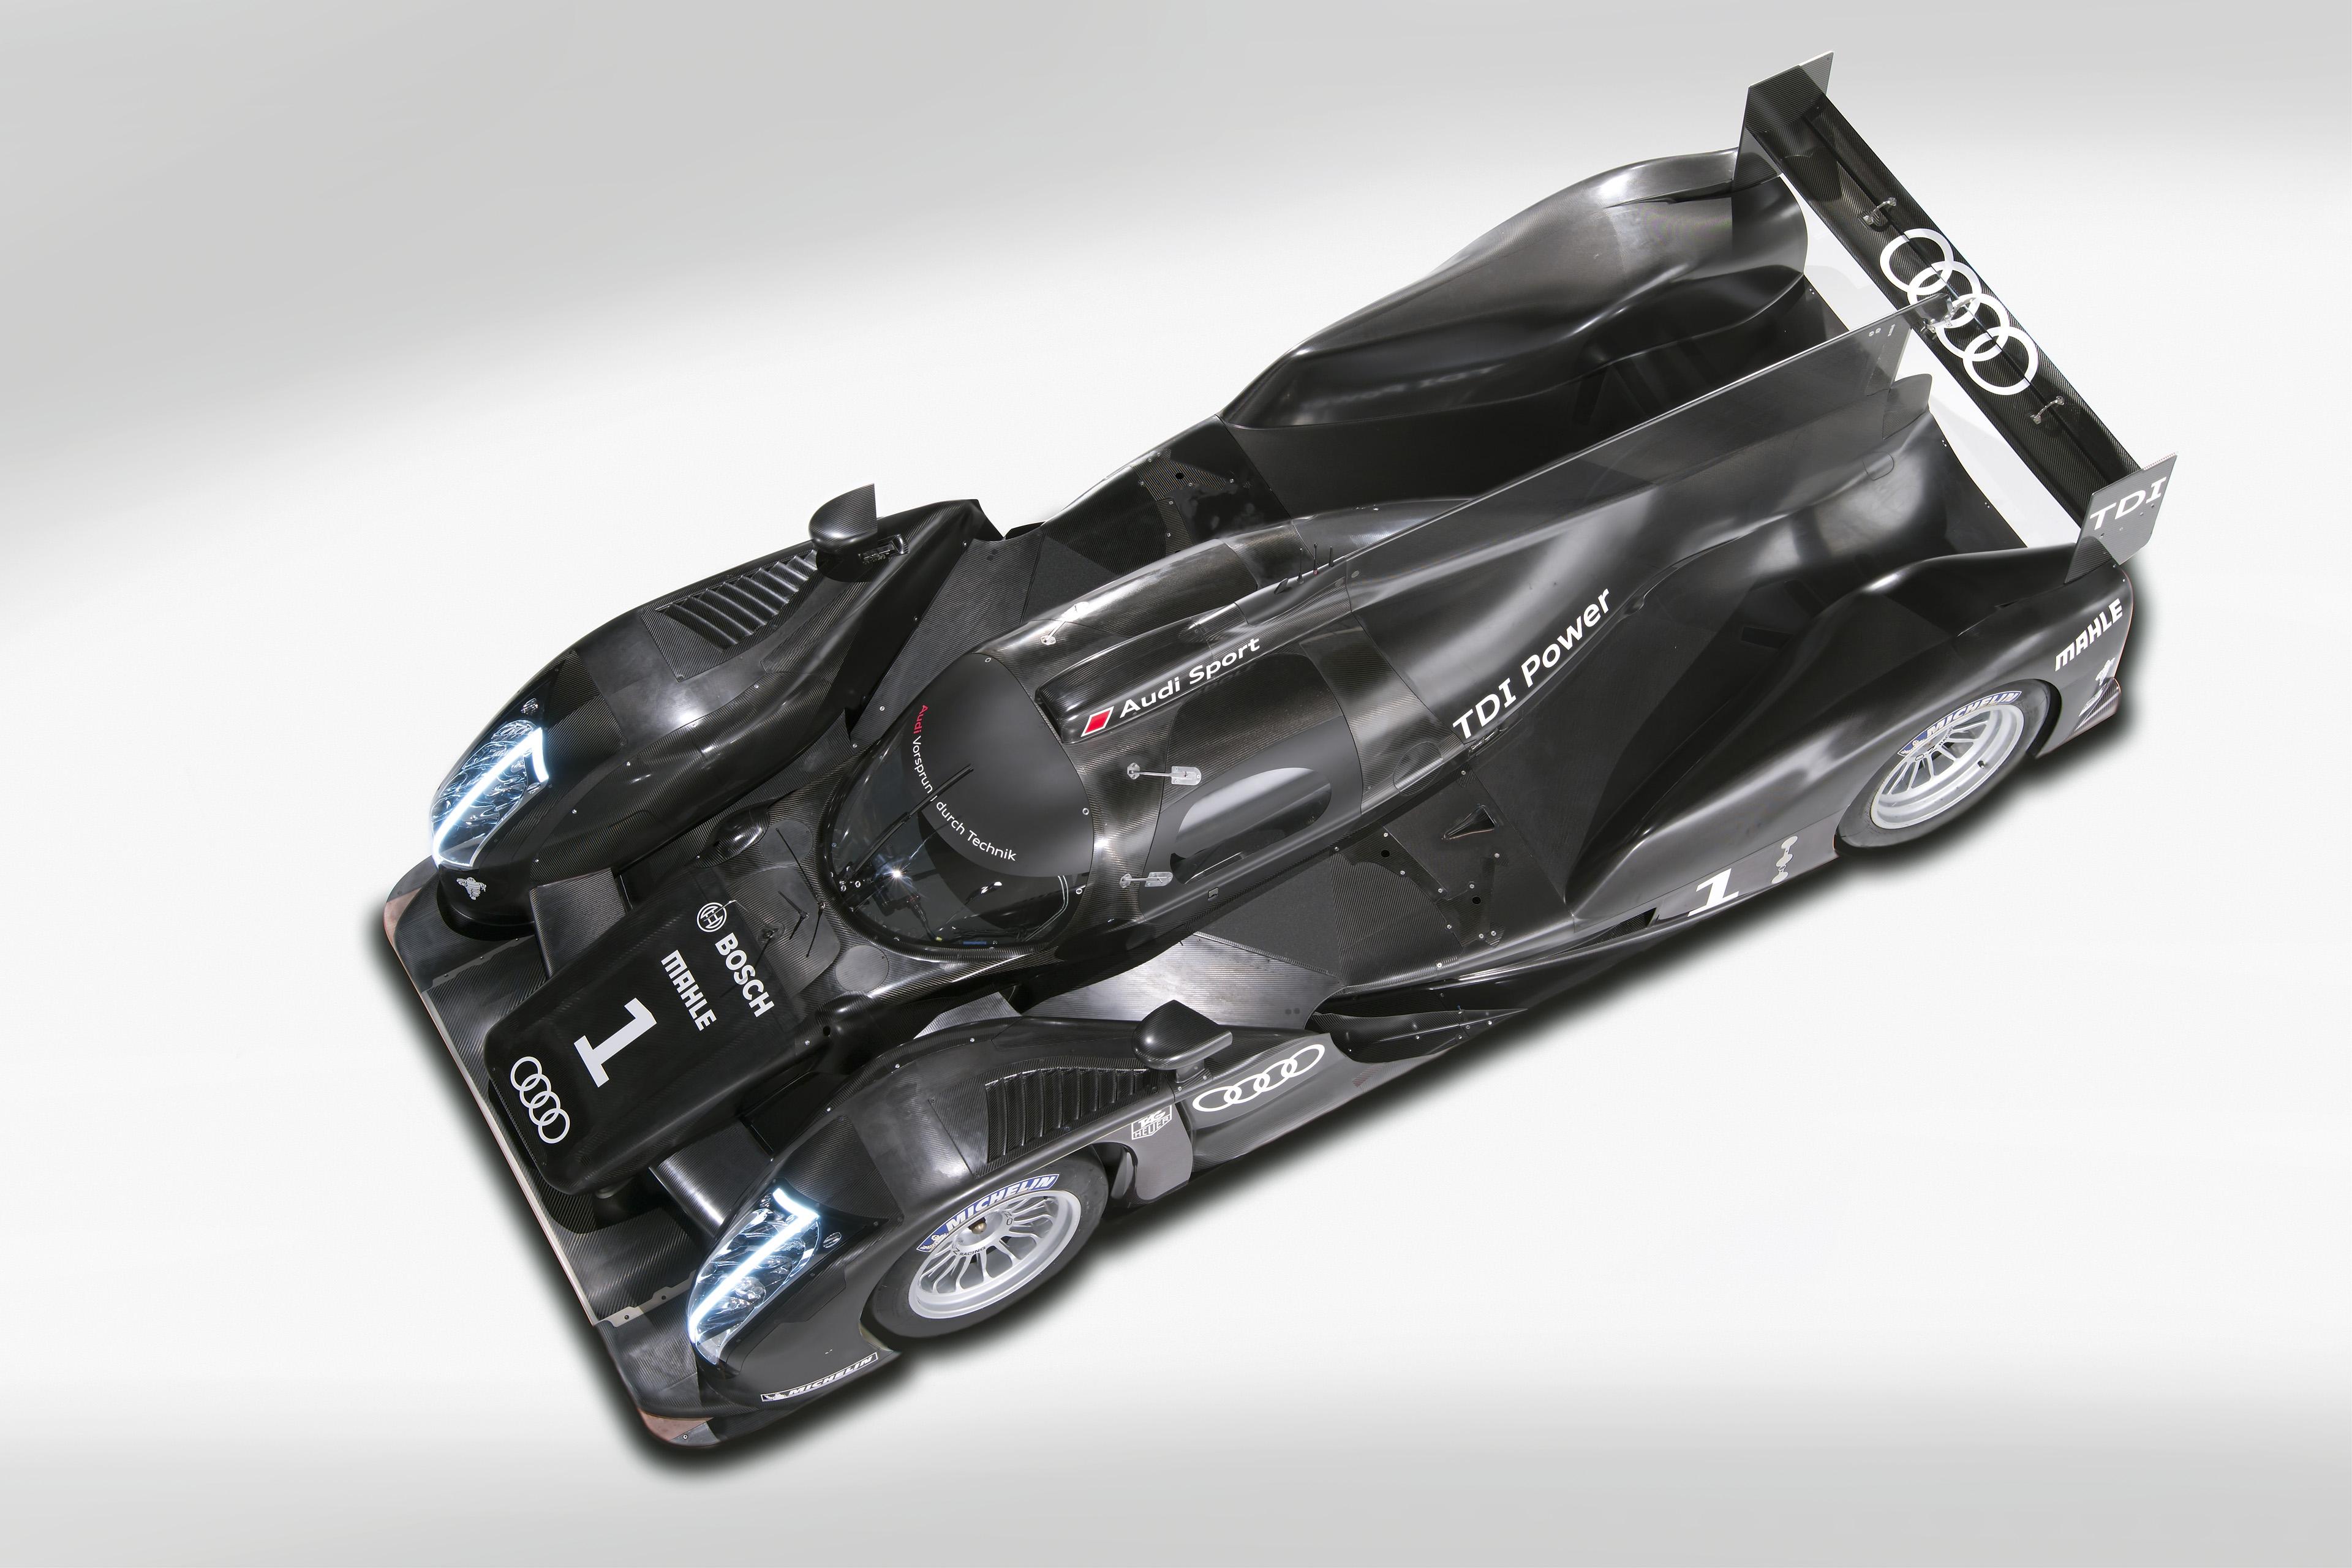 Audi R18 : la nouvelle Audi pour Le Mans 2011